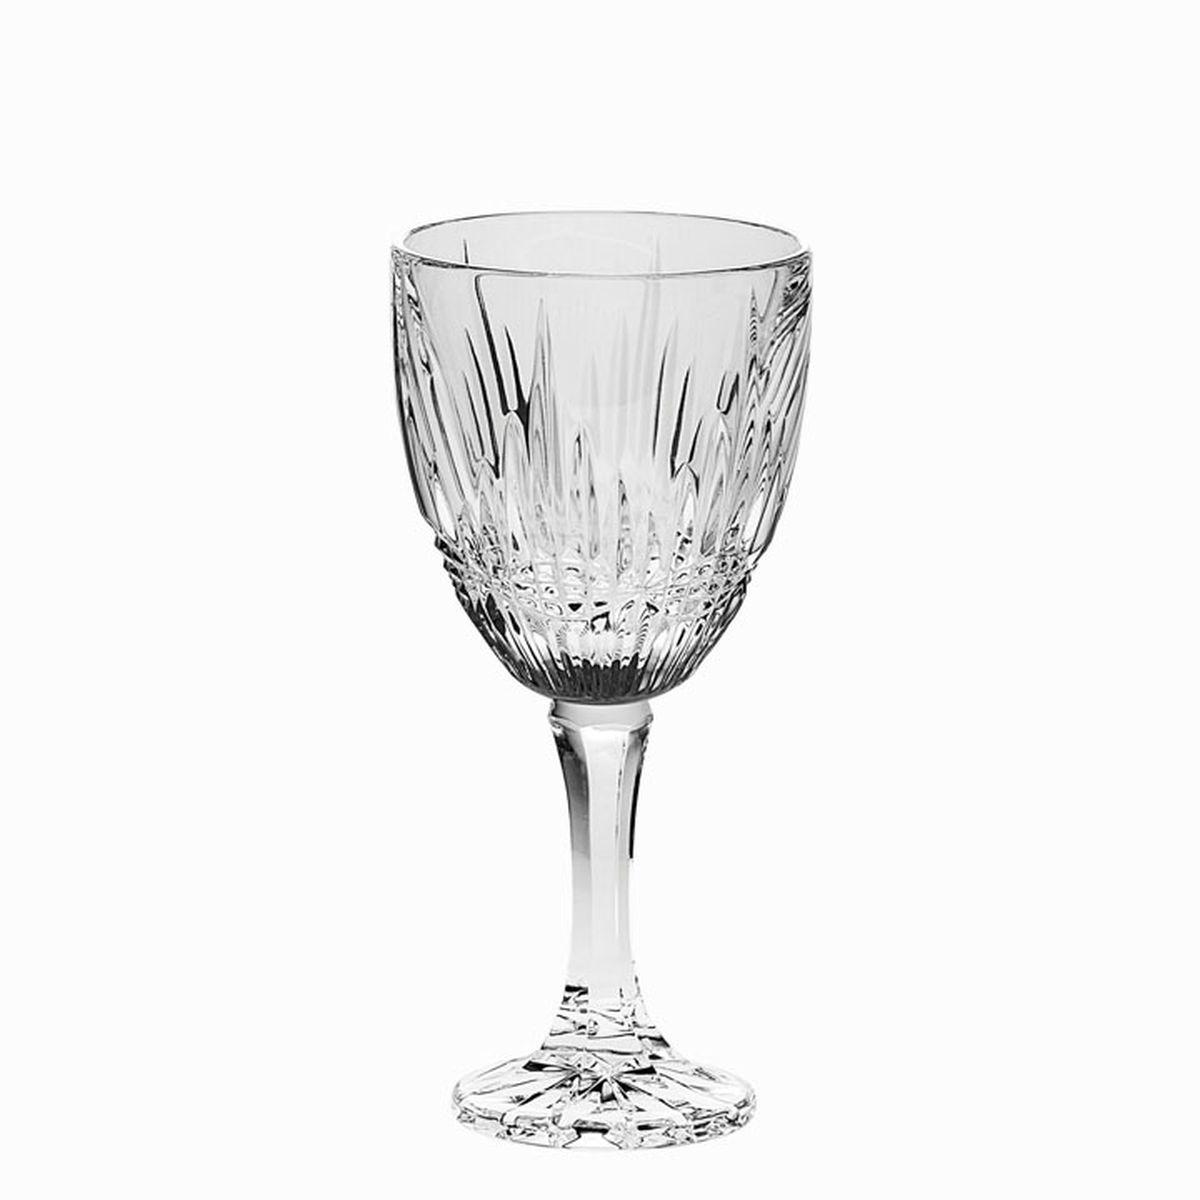 Рюмка для вина Crystal Bohemia Vibes, 250 мл, 6 шт990/12520/0/24355/250-609Настоящий чешский хрусталь с содержанием оксида свинца 24%, что придает изделиям поразительную прозрачность и чистоту, невероятный блеск, присущий только ювелирным изделиям , особое, ни с чем не сравнимое светопреломление и игру всеми красками спектра как при естественном, так и при искуственном освещении. Продукция из Хрусталя соответствуют всем европейским и российским стандартам качества и безопасности. Традиции чешских мастеров передаются из поколения в поколение. А высокая художаственная ценность иделий признана искушенными ценителями во всем мире. Продукция из Хрусталя соответствуют всем европейским и российским стандартам качества и безопасности.